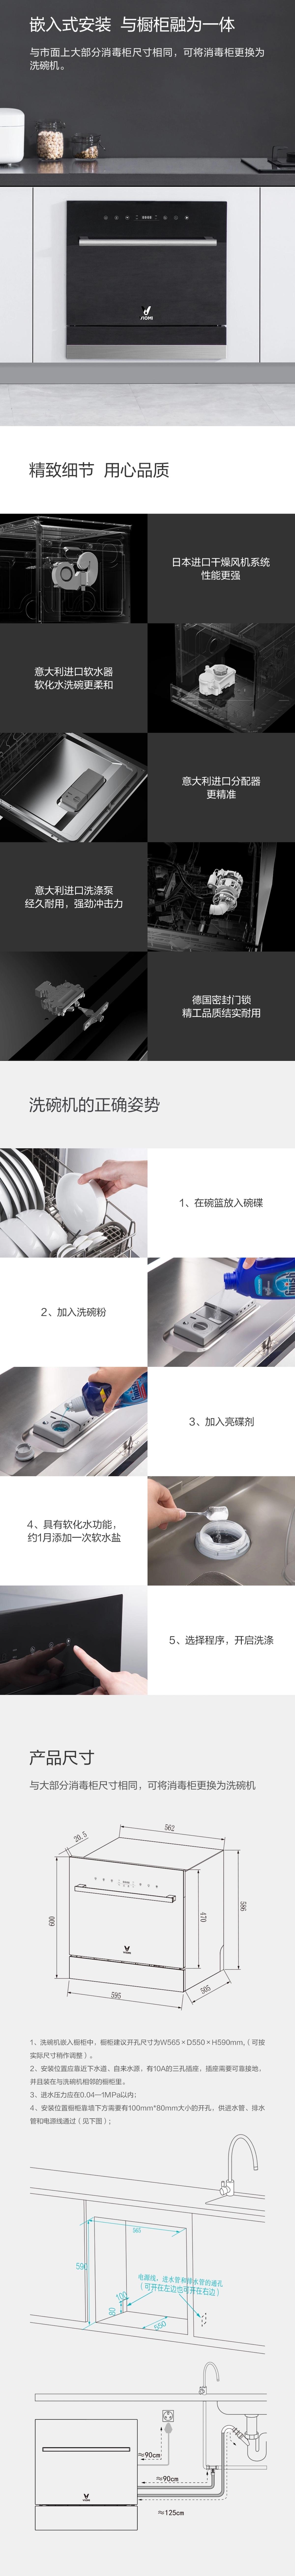 雲米互聯網洗碗機